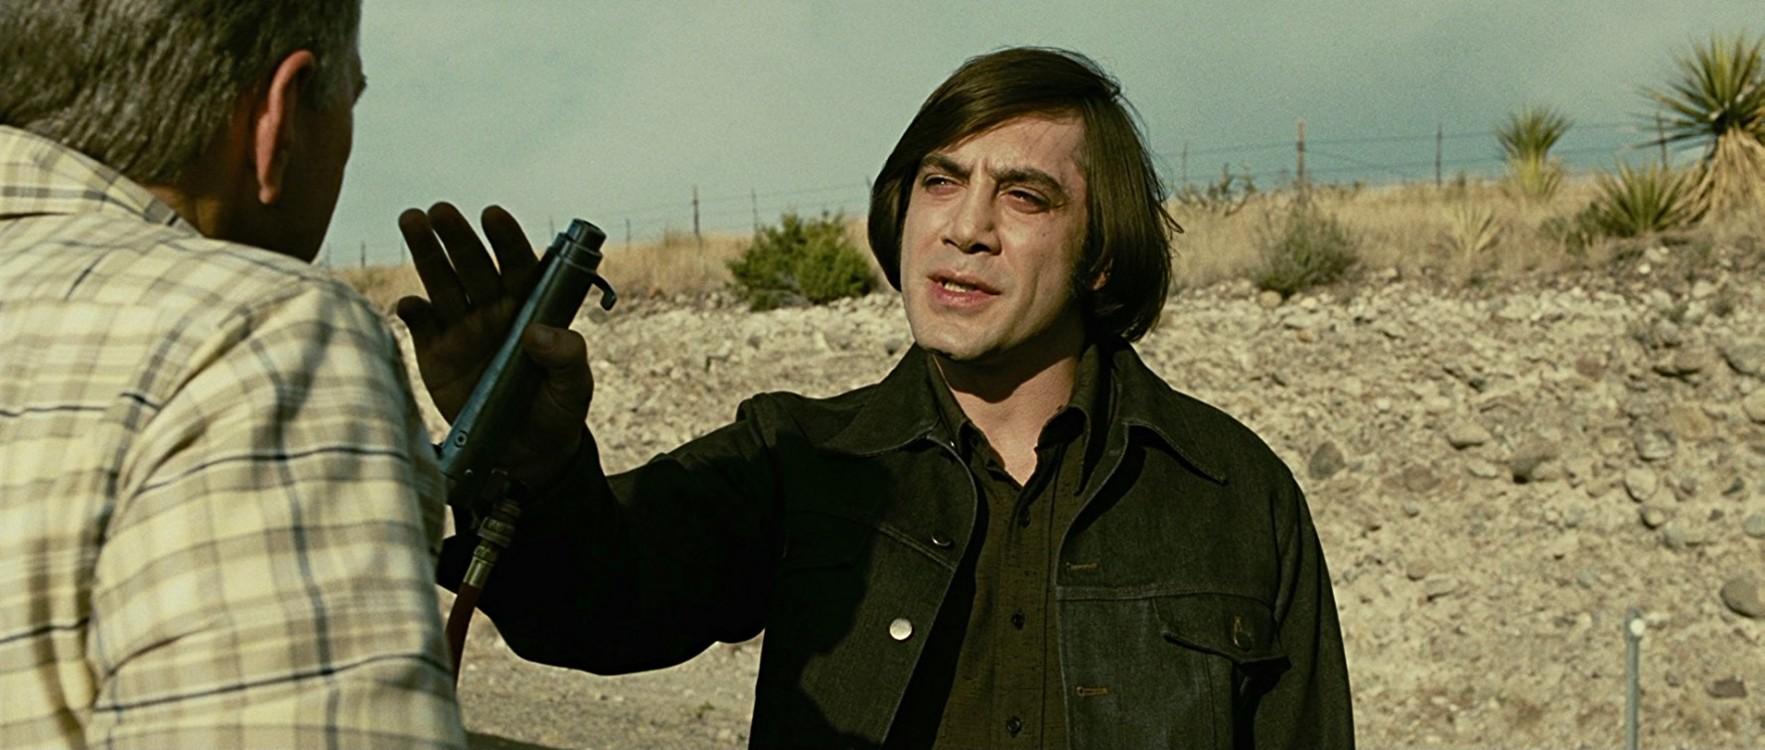 Хавьер Бардем в фильме «Старикам тут не место», 2007